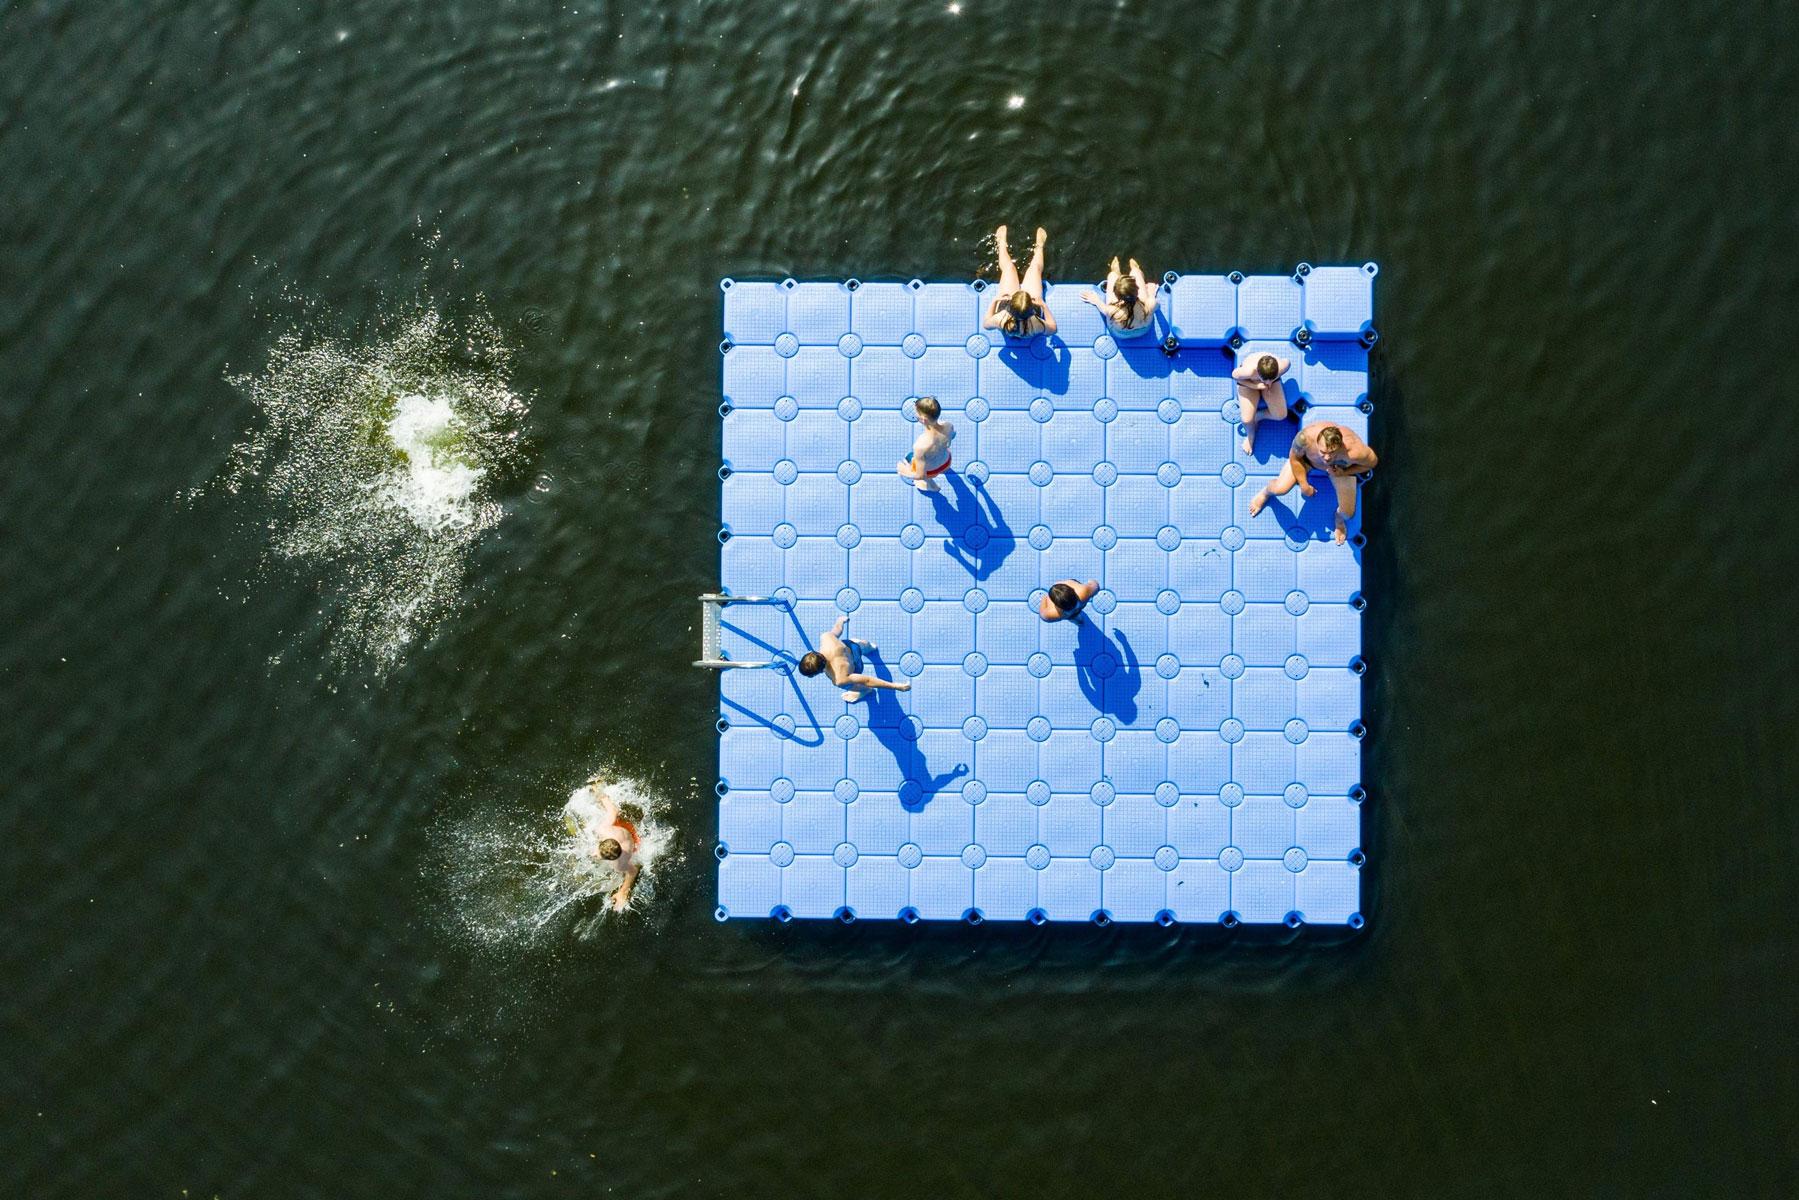 Люди отдыхают наплавающем понтоне наозере Альтвармбюхенер вГанновере, Германия.